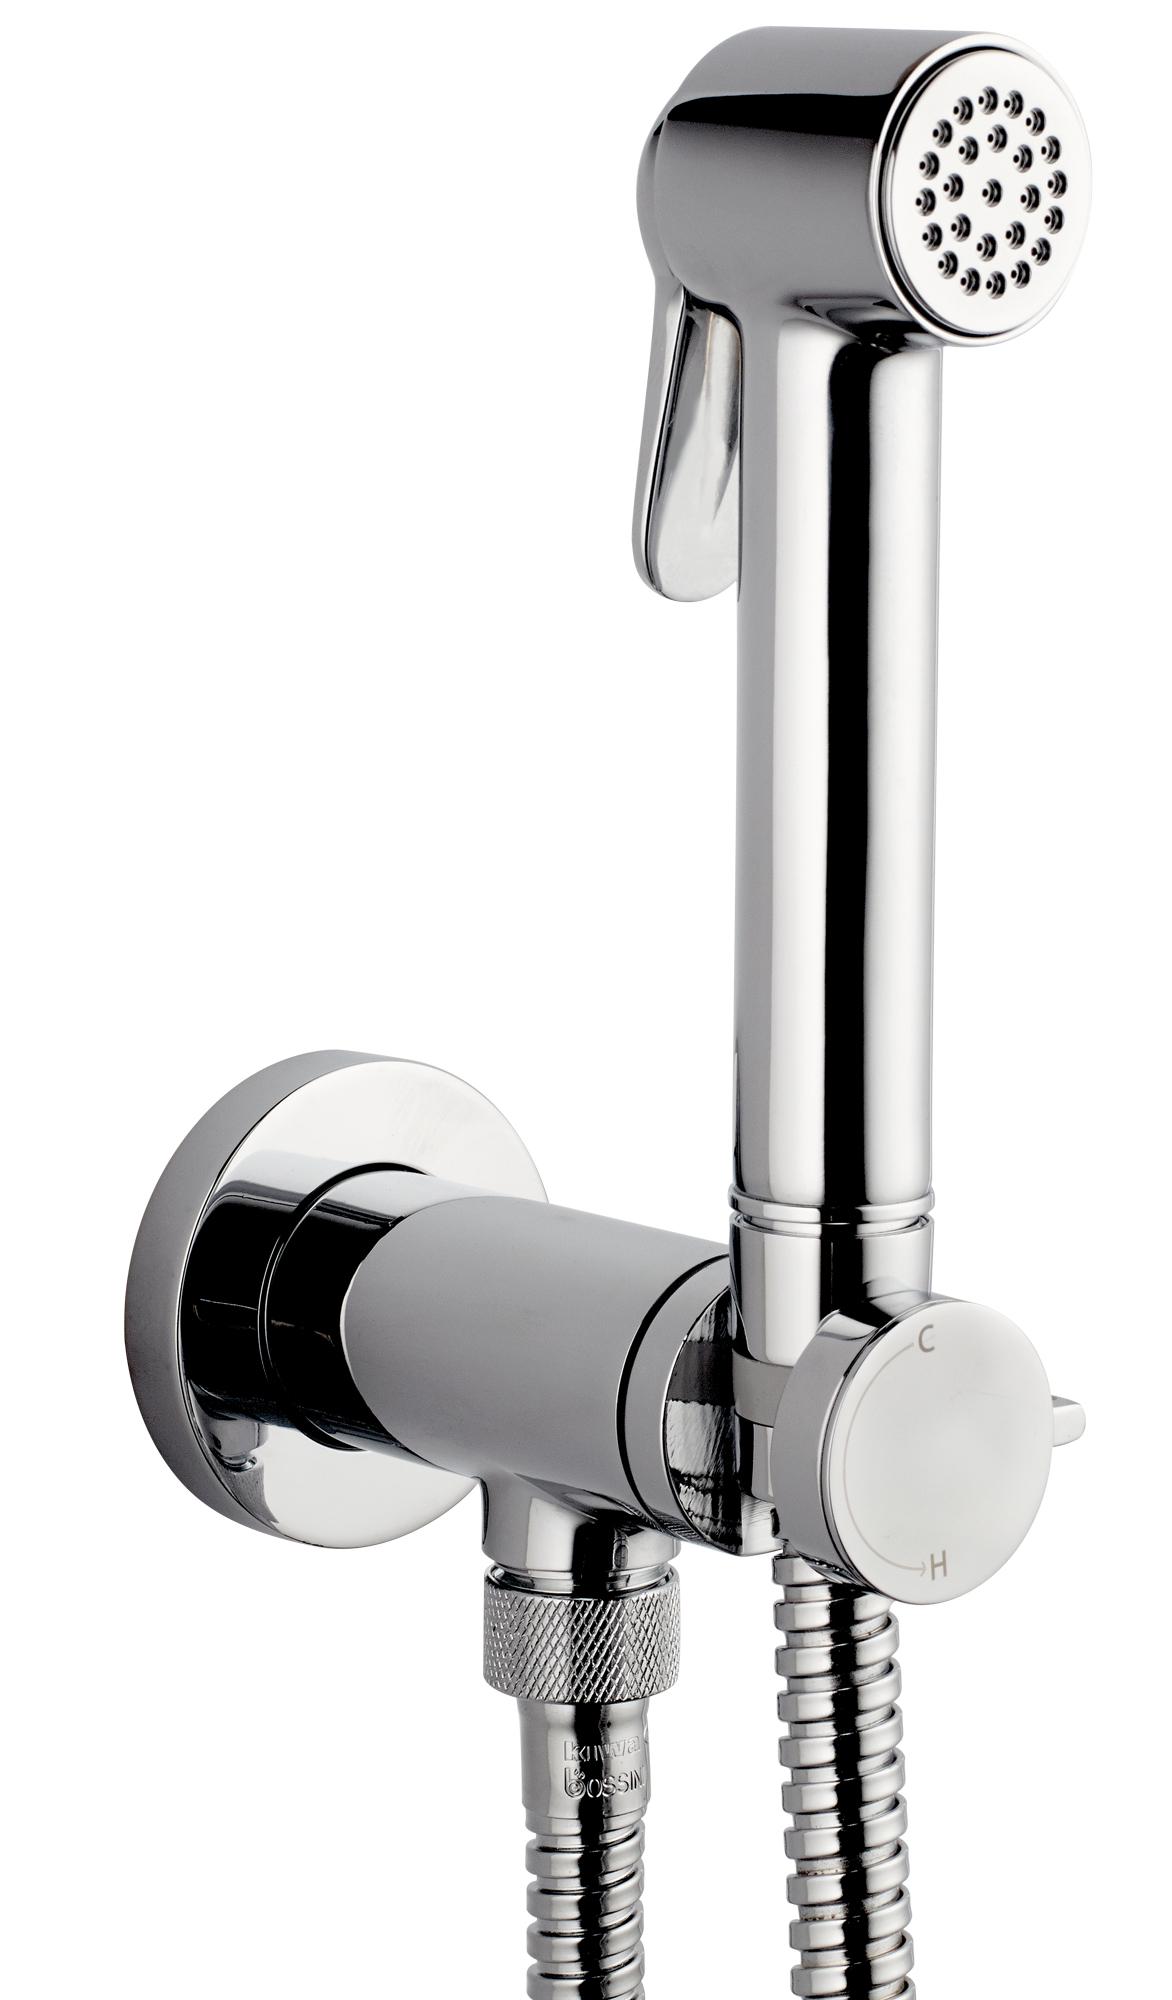 Гигиенический смеситель Bossini Paloma Brass Mixer Set E37005.030, хром